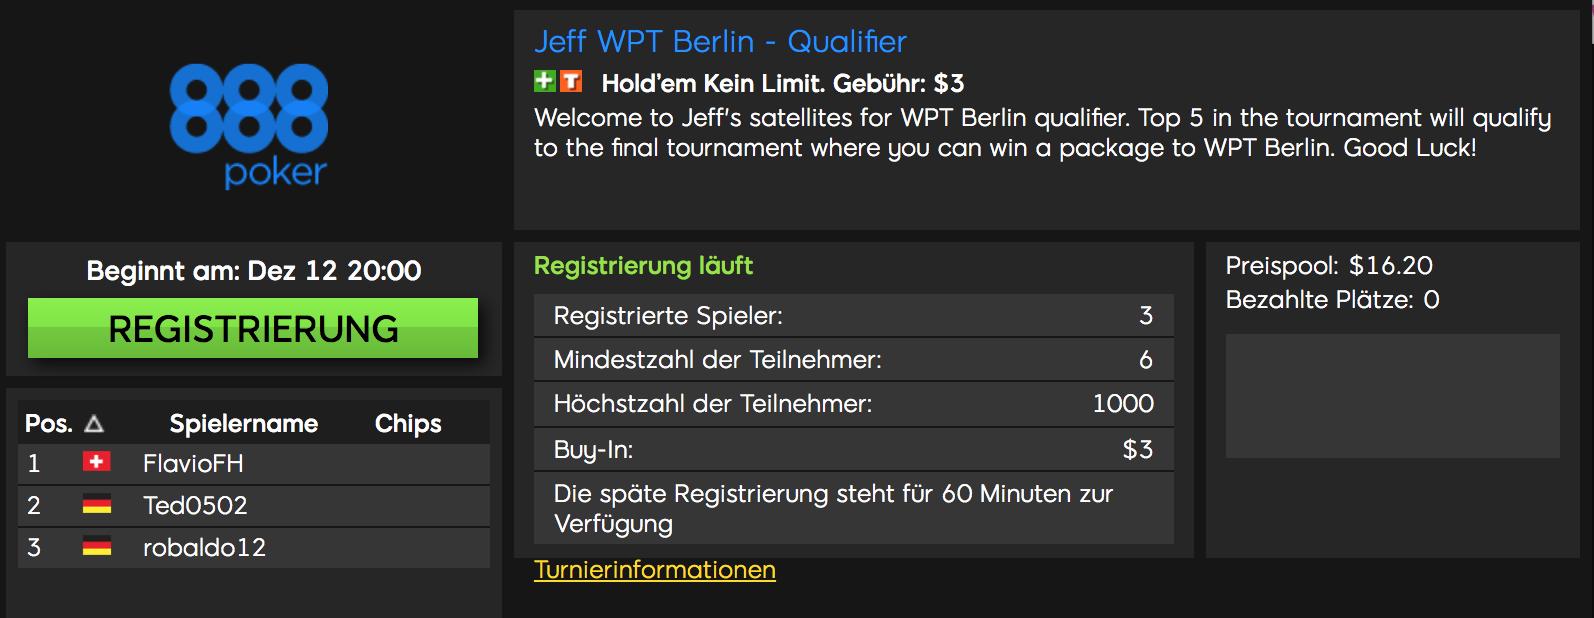 WPTBerlinQualifier_Nils